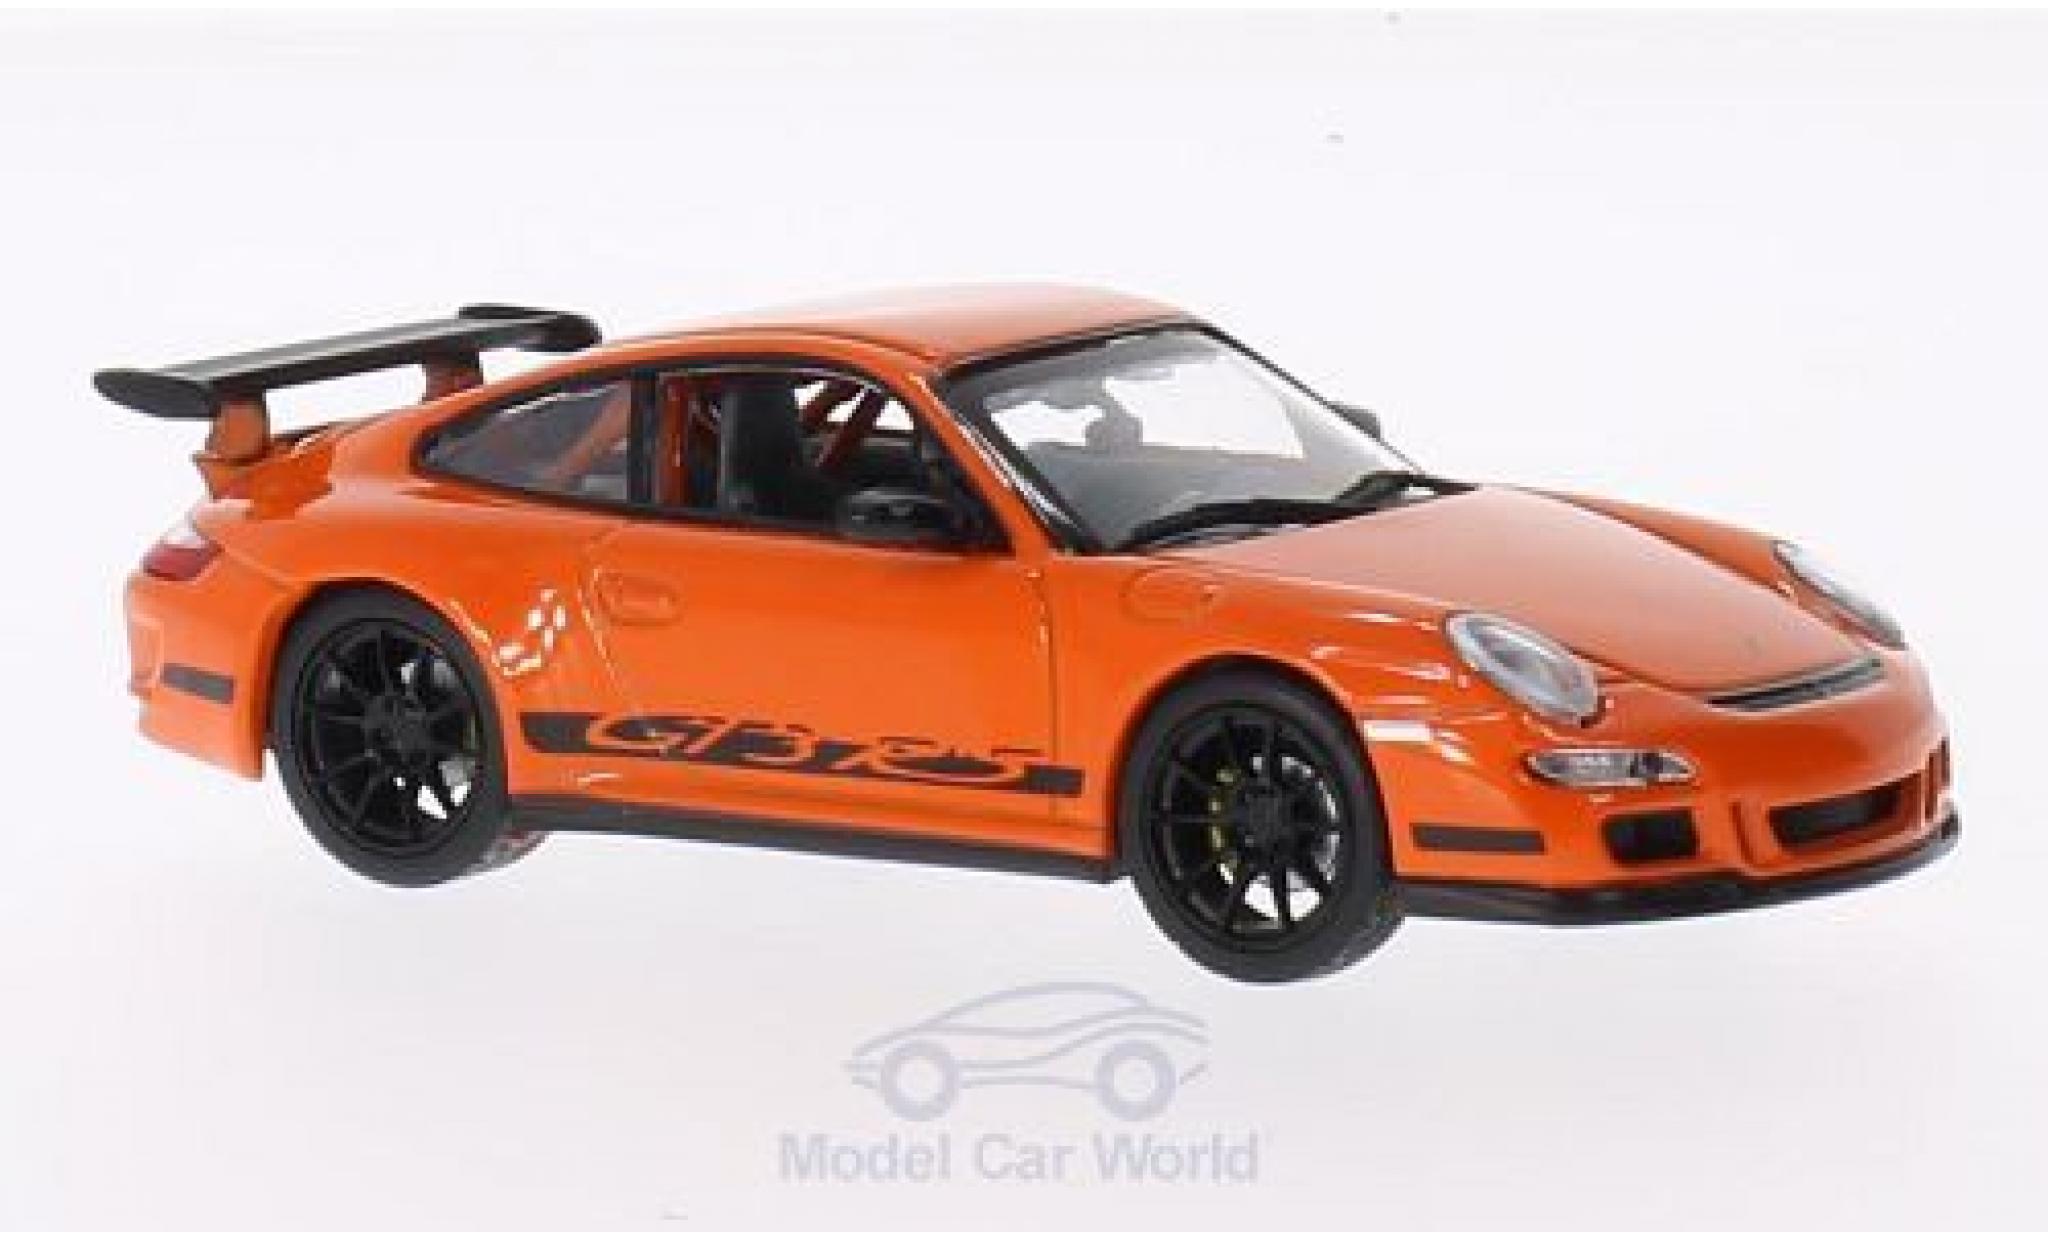 Porsche 997 GT3 RS 1/43 Lucky Die Cast Felgen u. Streifen noire orange